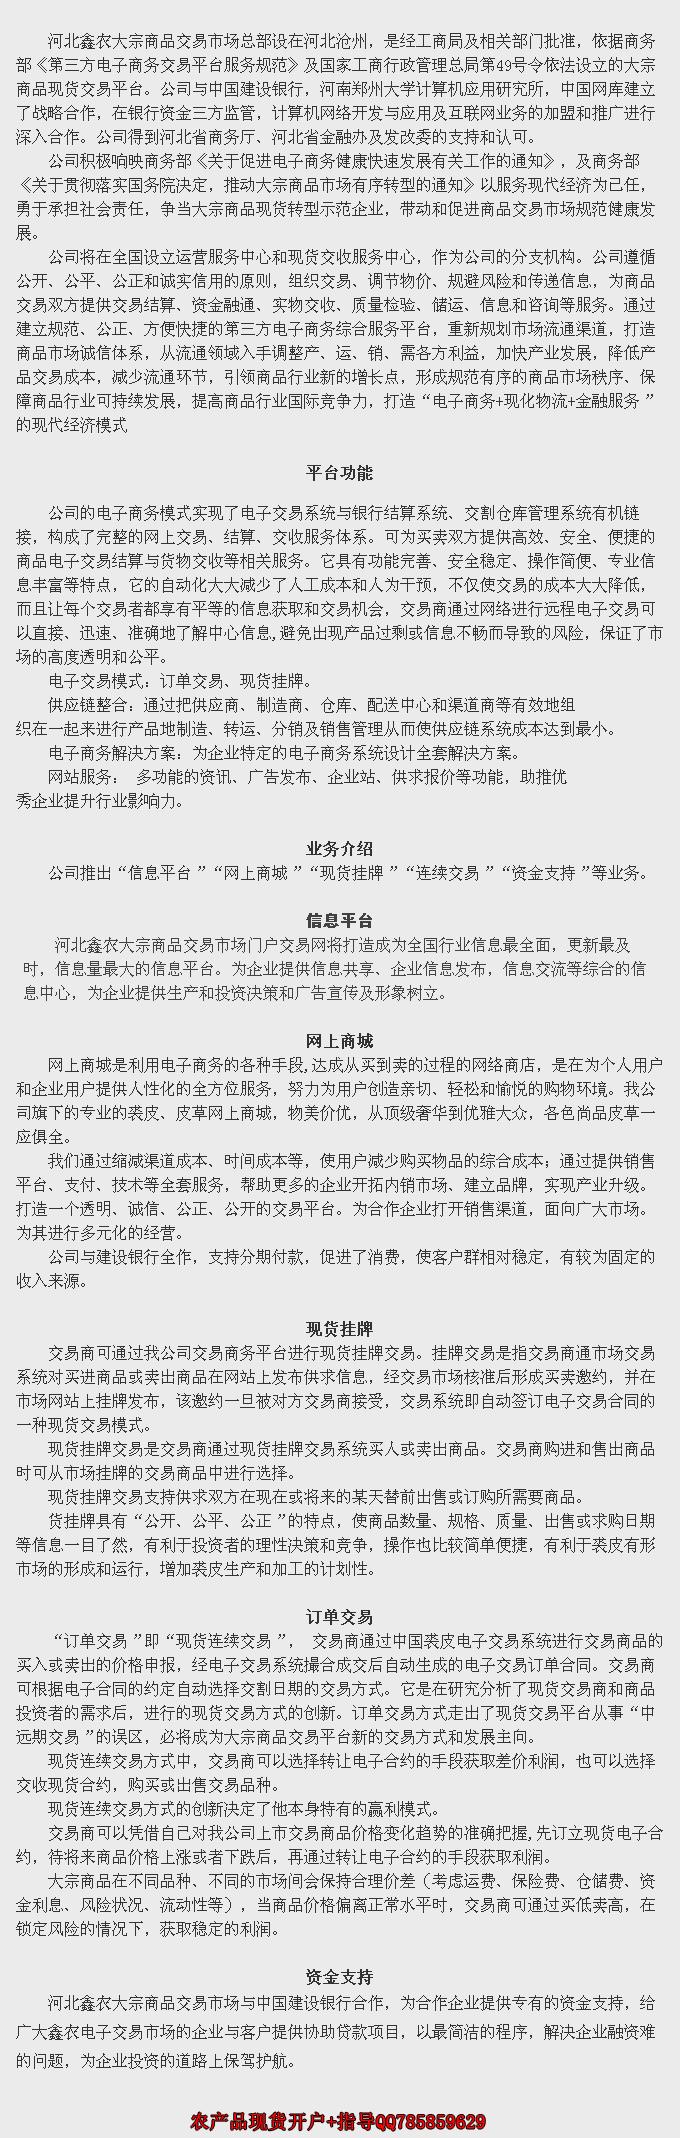 河北鑫农大宗商品交易市场简介